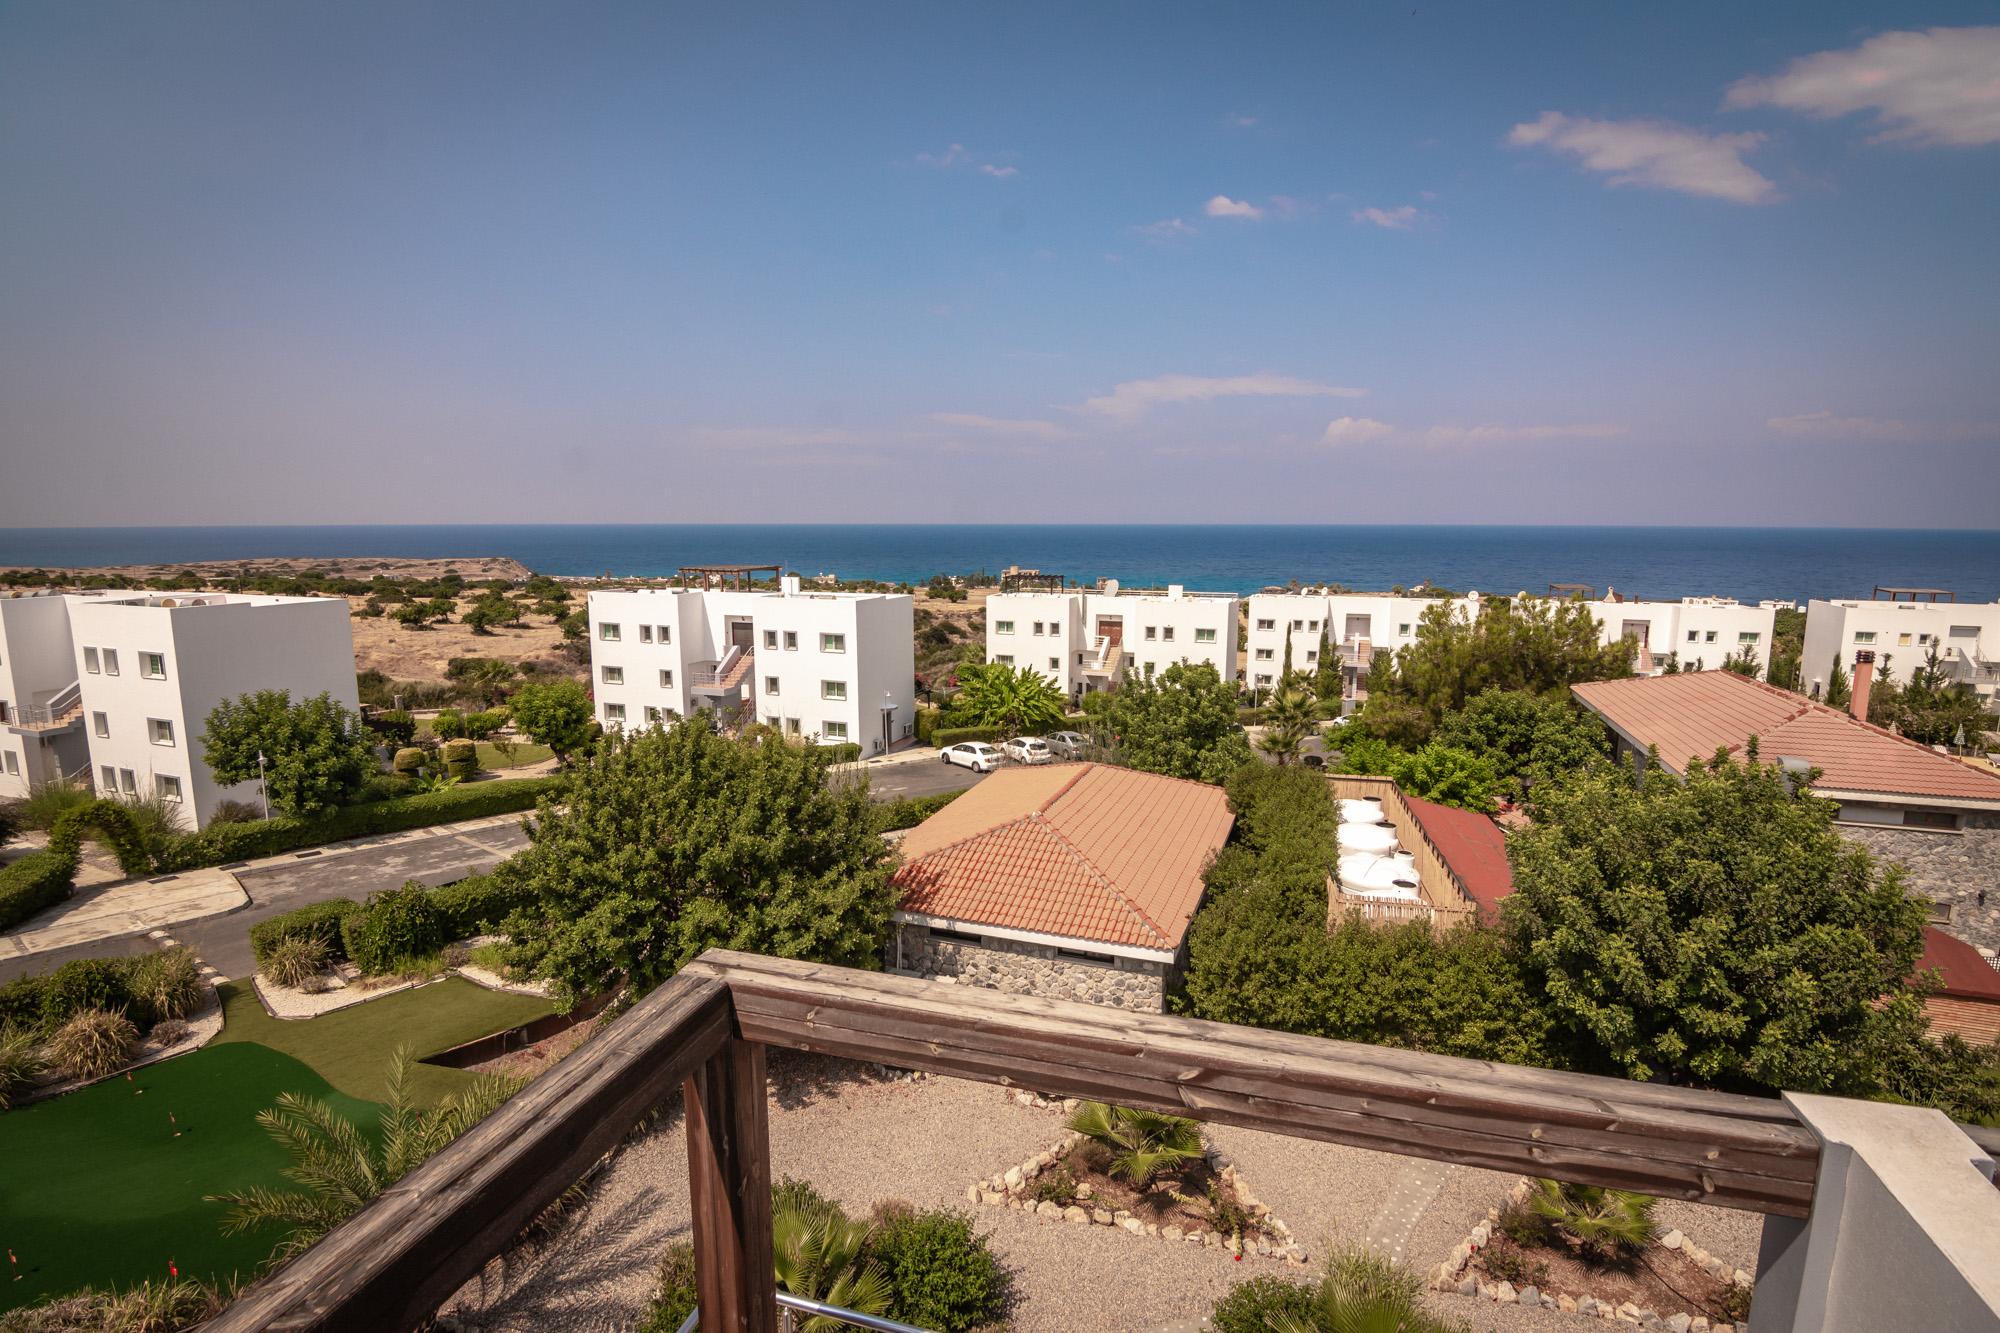 Apartment Joya Cyprus Mystic Penthouse Apartment photo 20216714